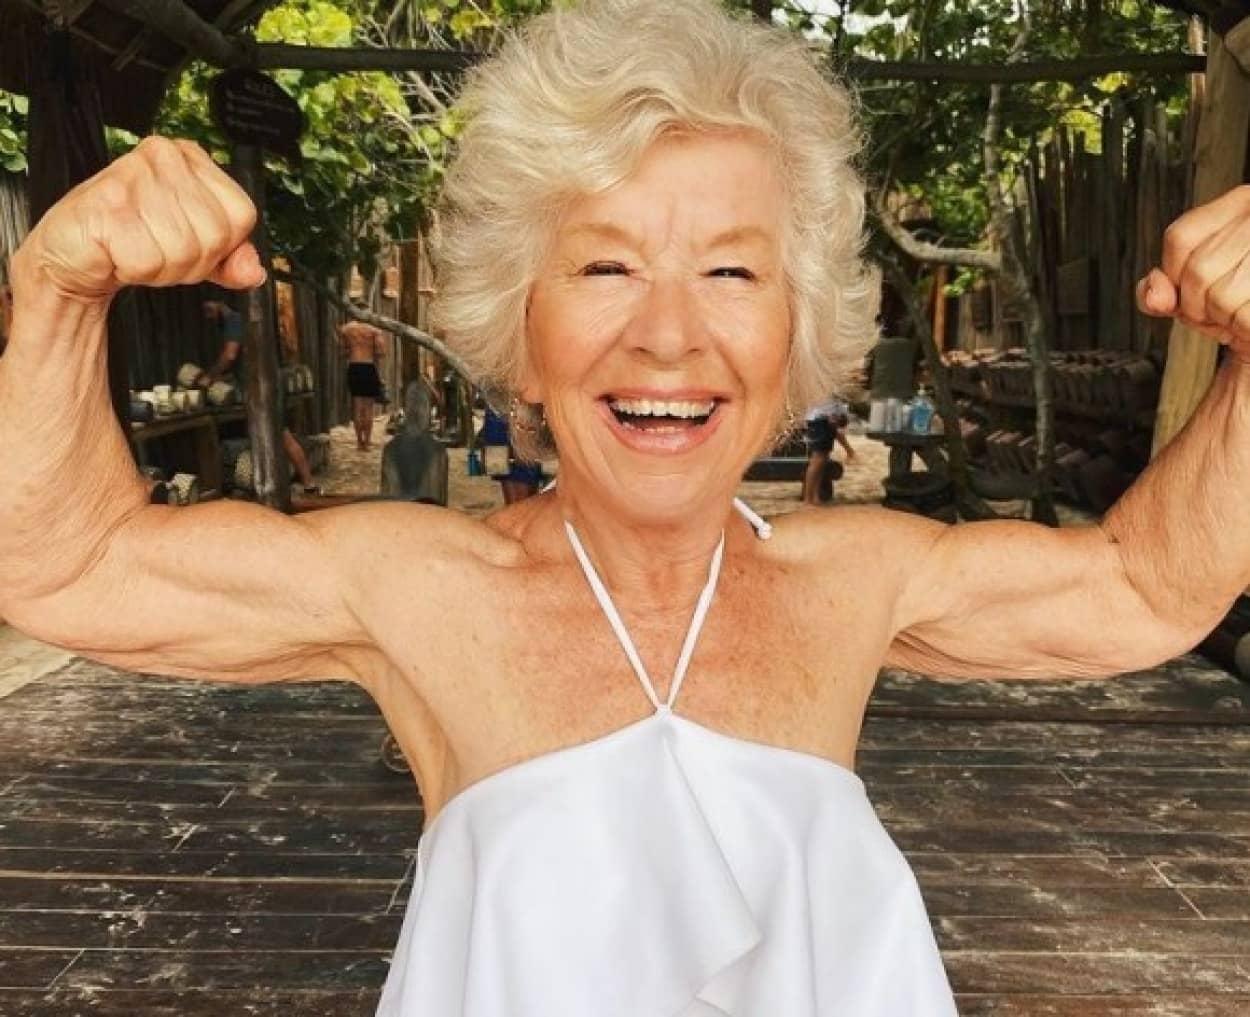 71歳でボディビルディングに目覚めた75歳のパワフルおばあさん